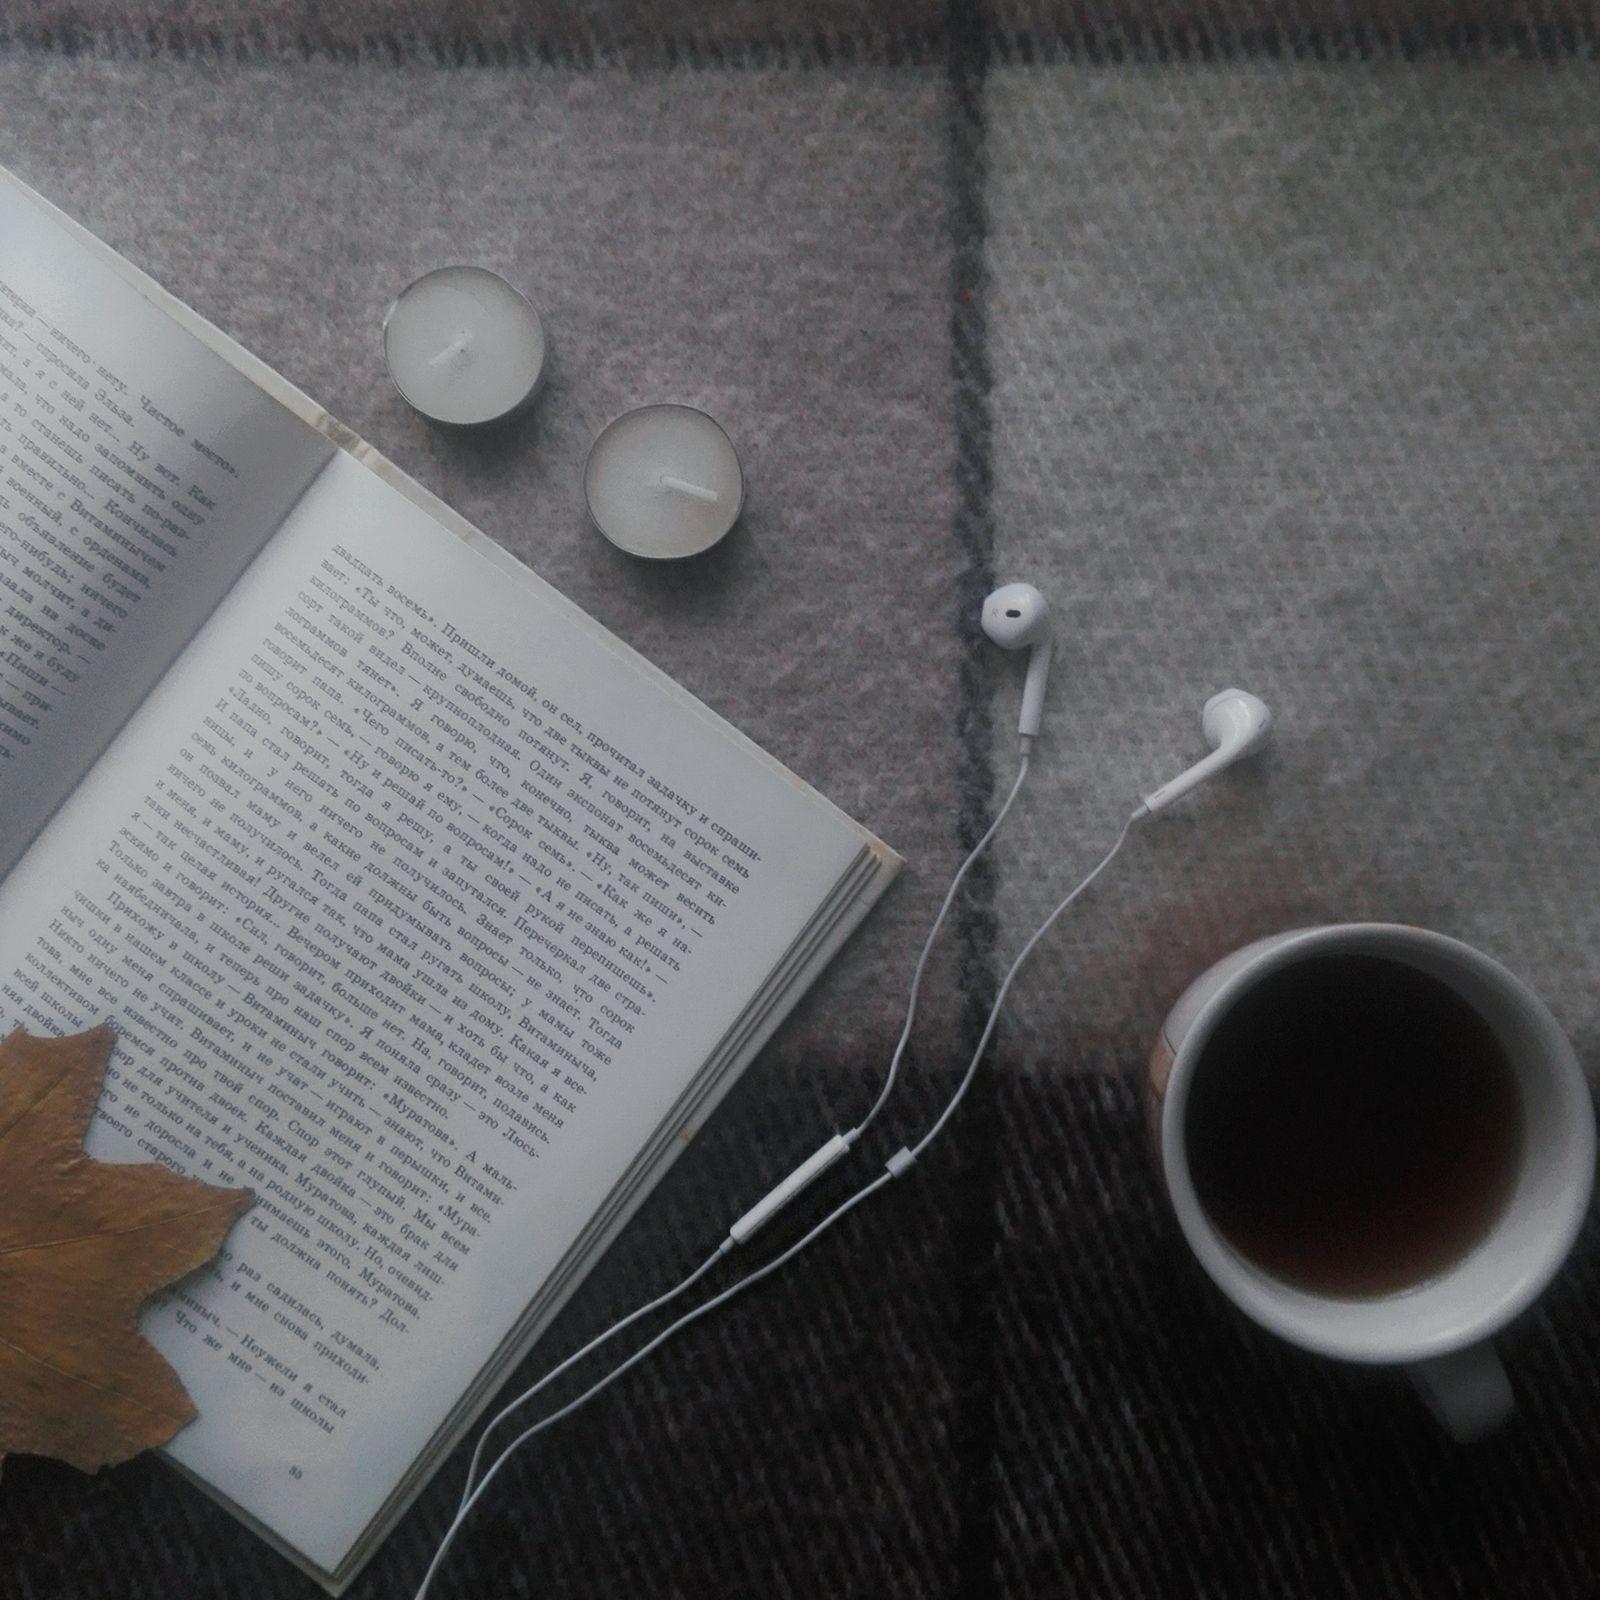 Осень/ раскладка/ кофе/ книга/ листья/ свечи / наушники # ...